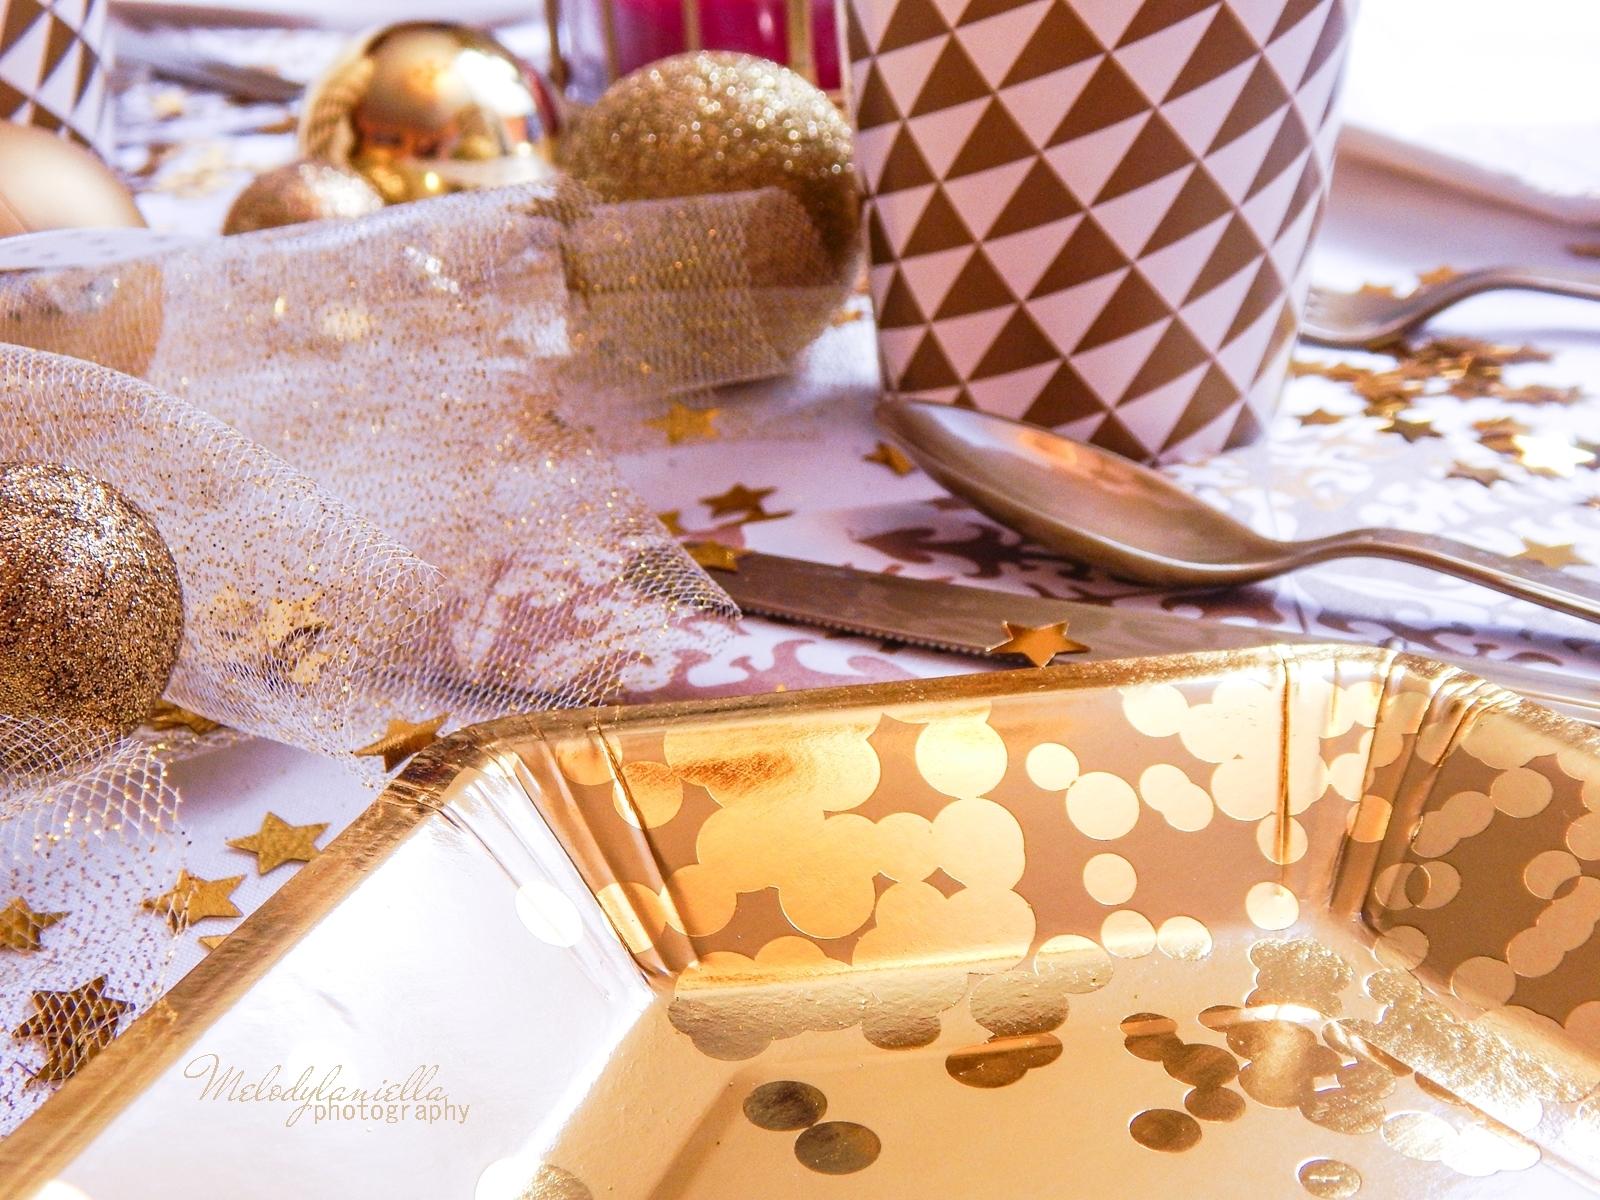 11 jak udekorować stół na imprezę dekoracja stołu karnawałowego świątecznego weselnego urodzinowego dekoracje dodatki lifestyle partybox sklep z dodatkami na imprezy ciekawe gadżety